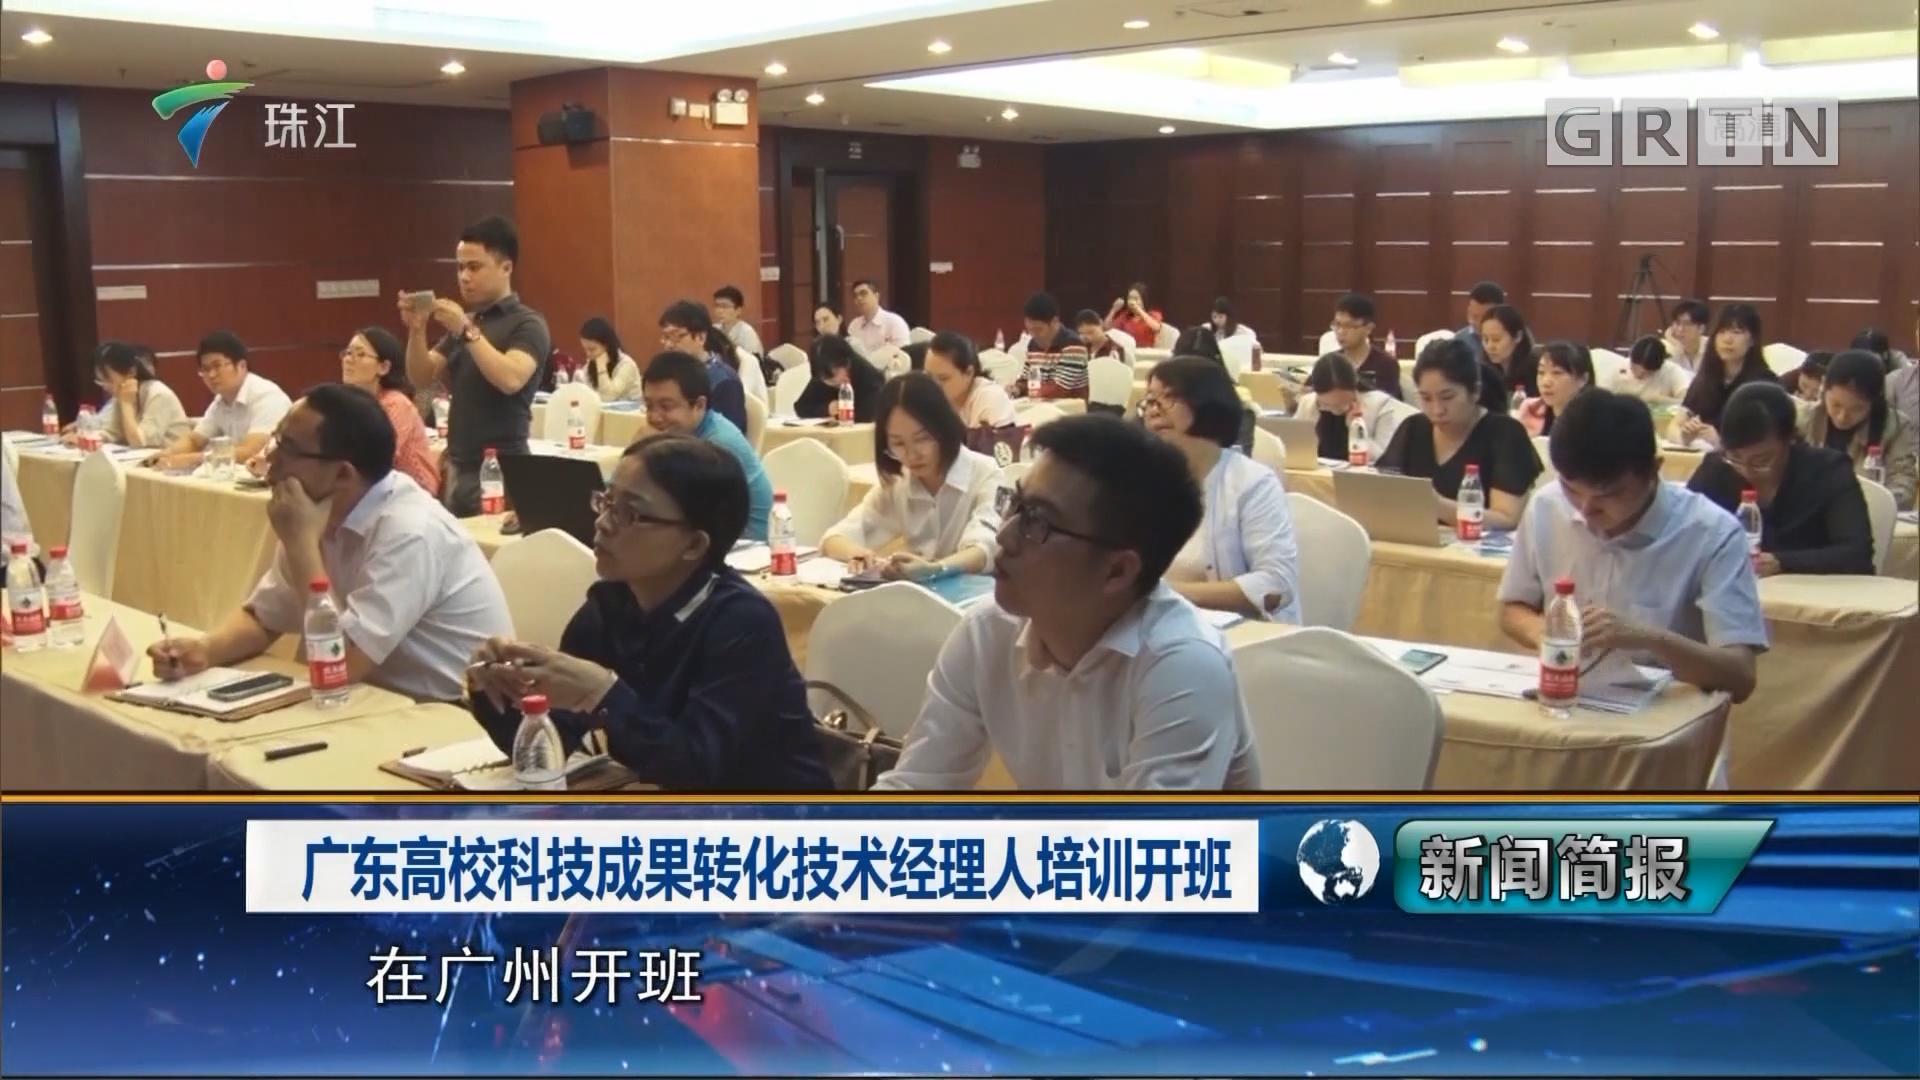 广东高校科技成果转化技术经理人培训开班